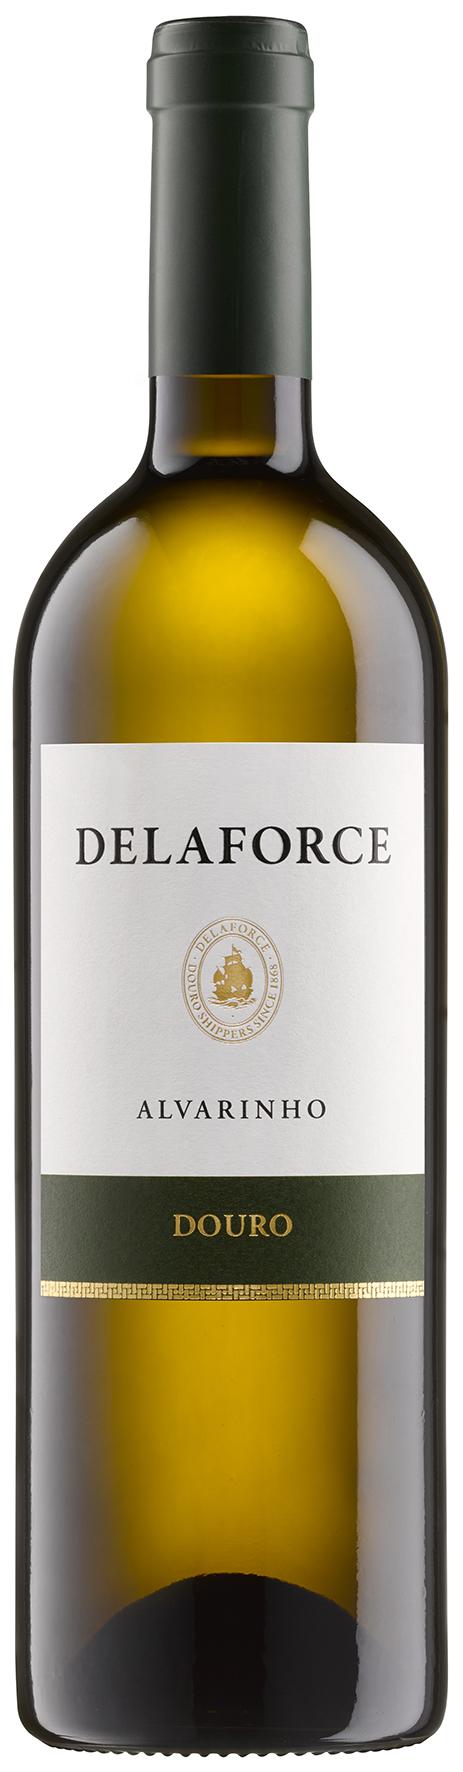 Delaforce Alvarinho 2016 erstmals mit DOC Douro Gütesiegel